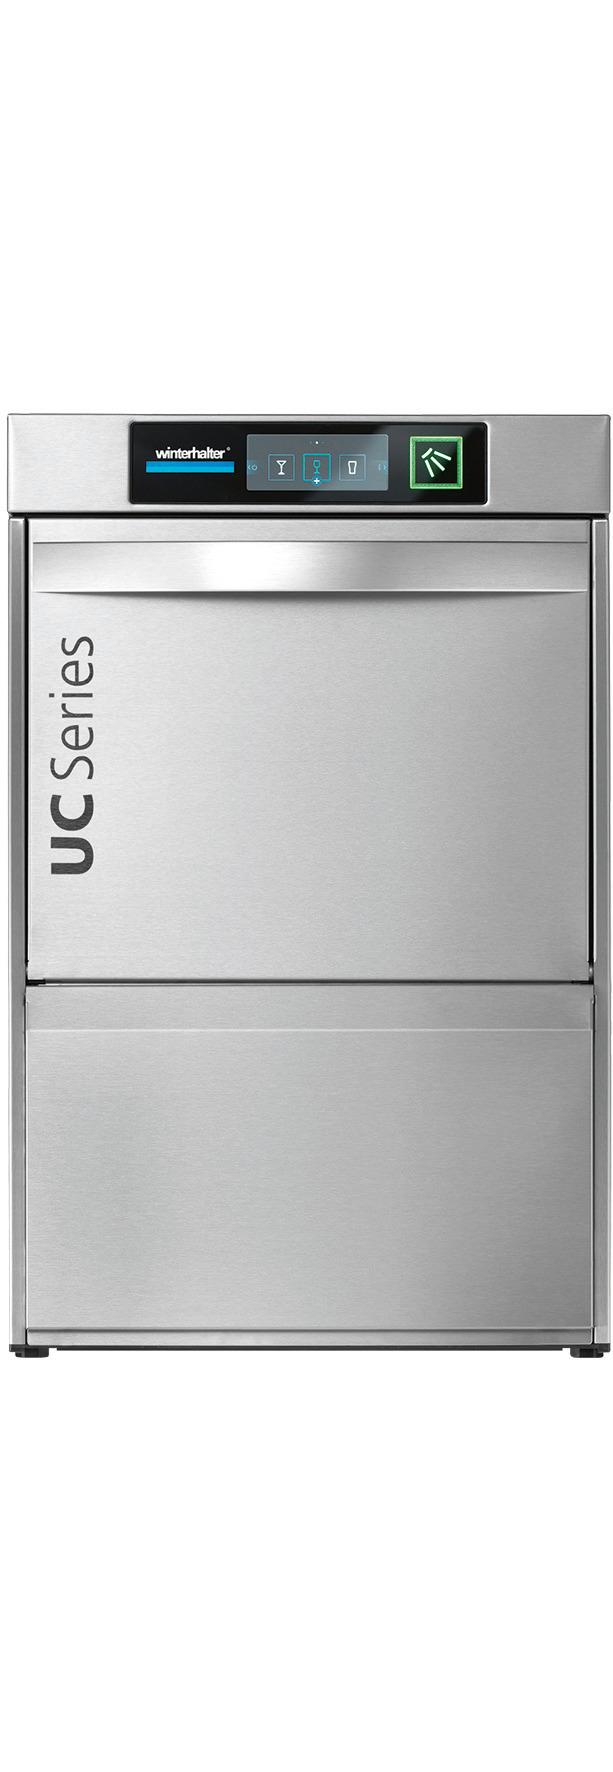 Gläserspülmaschine UC-S / 400 x 400 mm / mit Chemiebehälter / Cool / 230 V